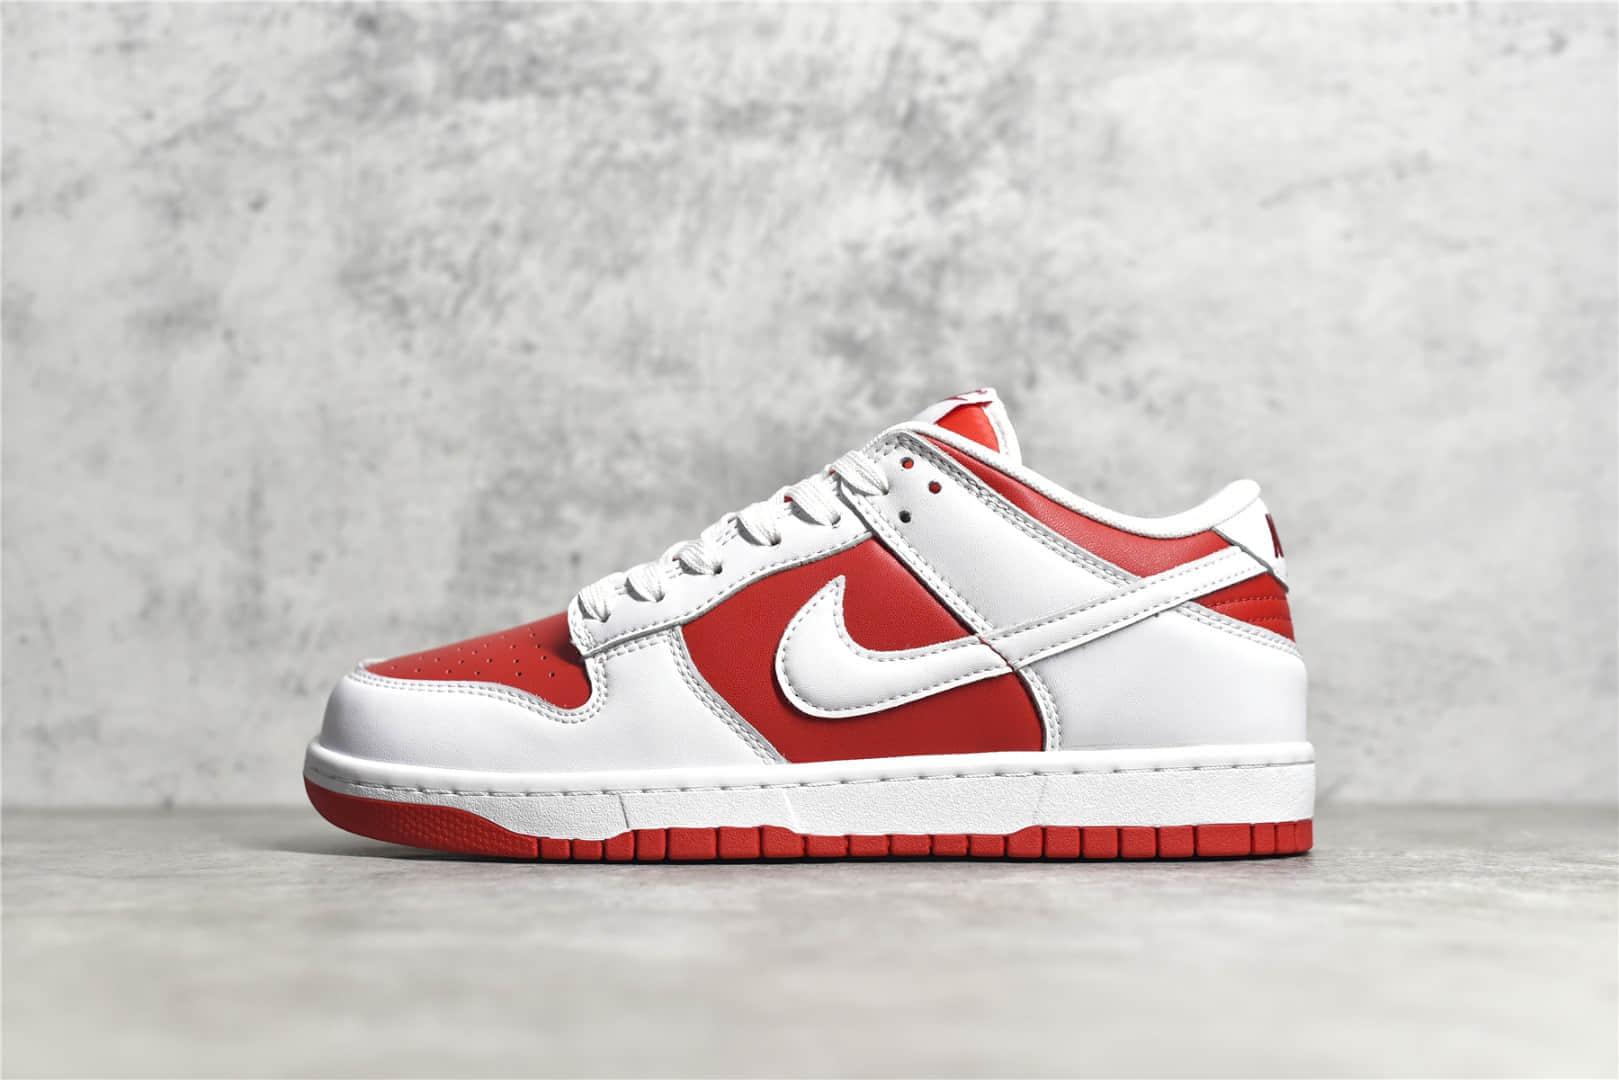 """耐克Dunk大学红莆田纯原版本 Nike Dunk Low """"University Red"""" 耐克白红低帮板鞋 货号:DD1391-600-潮流者之家"""